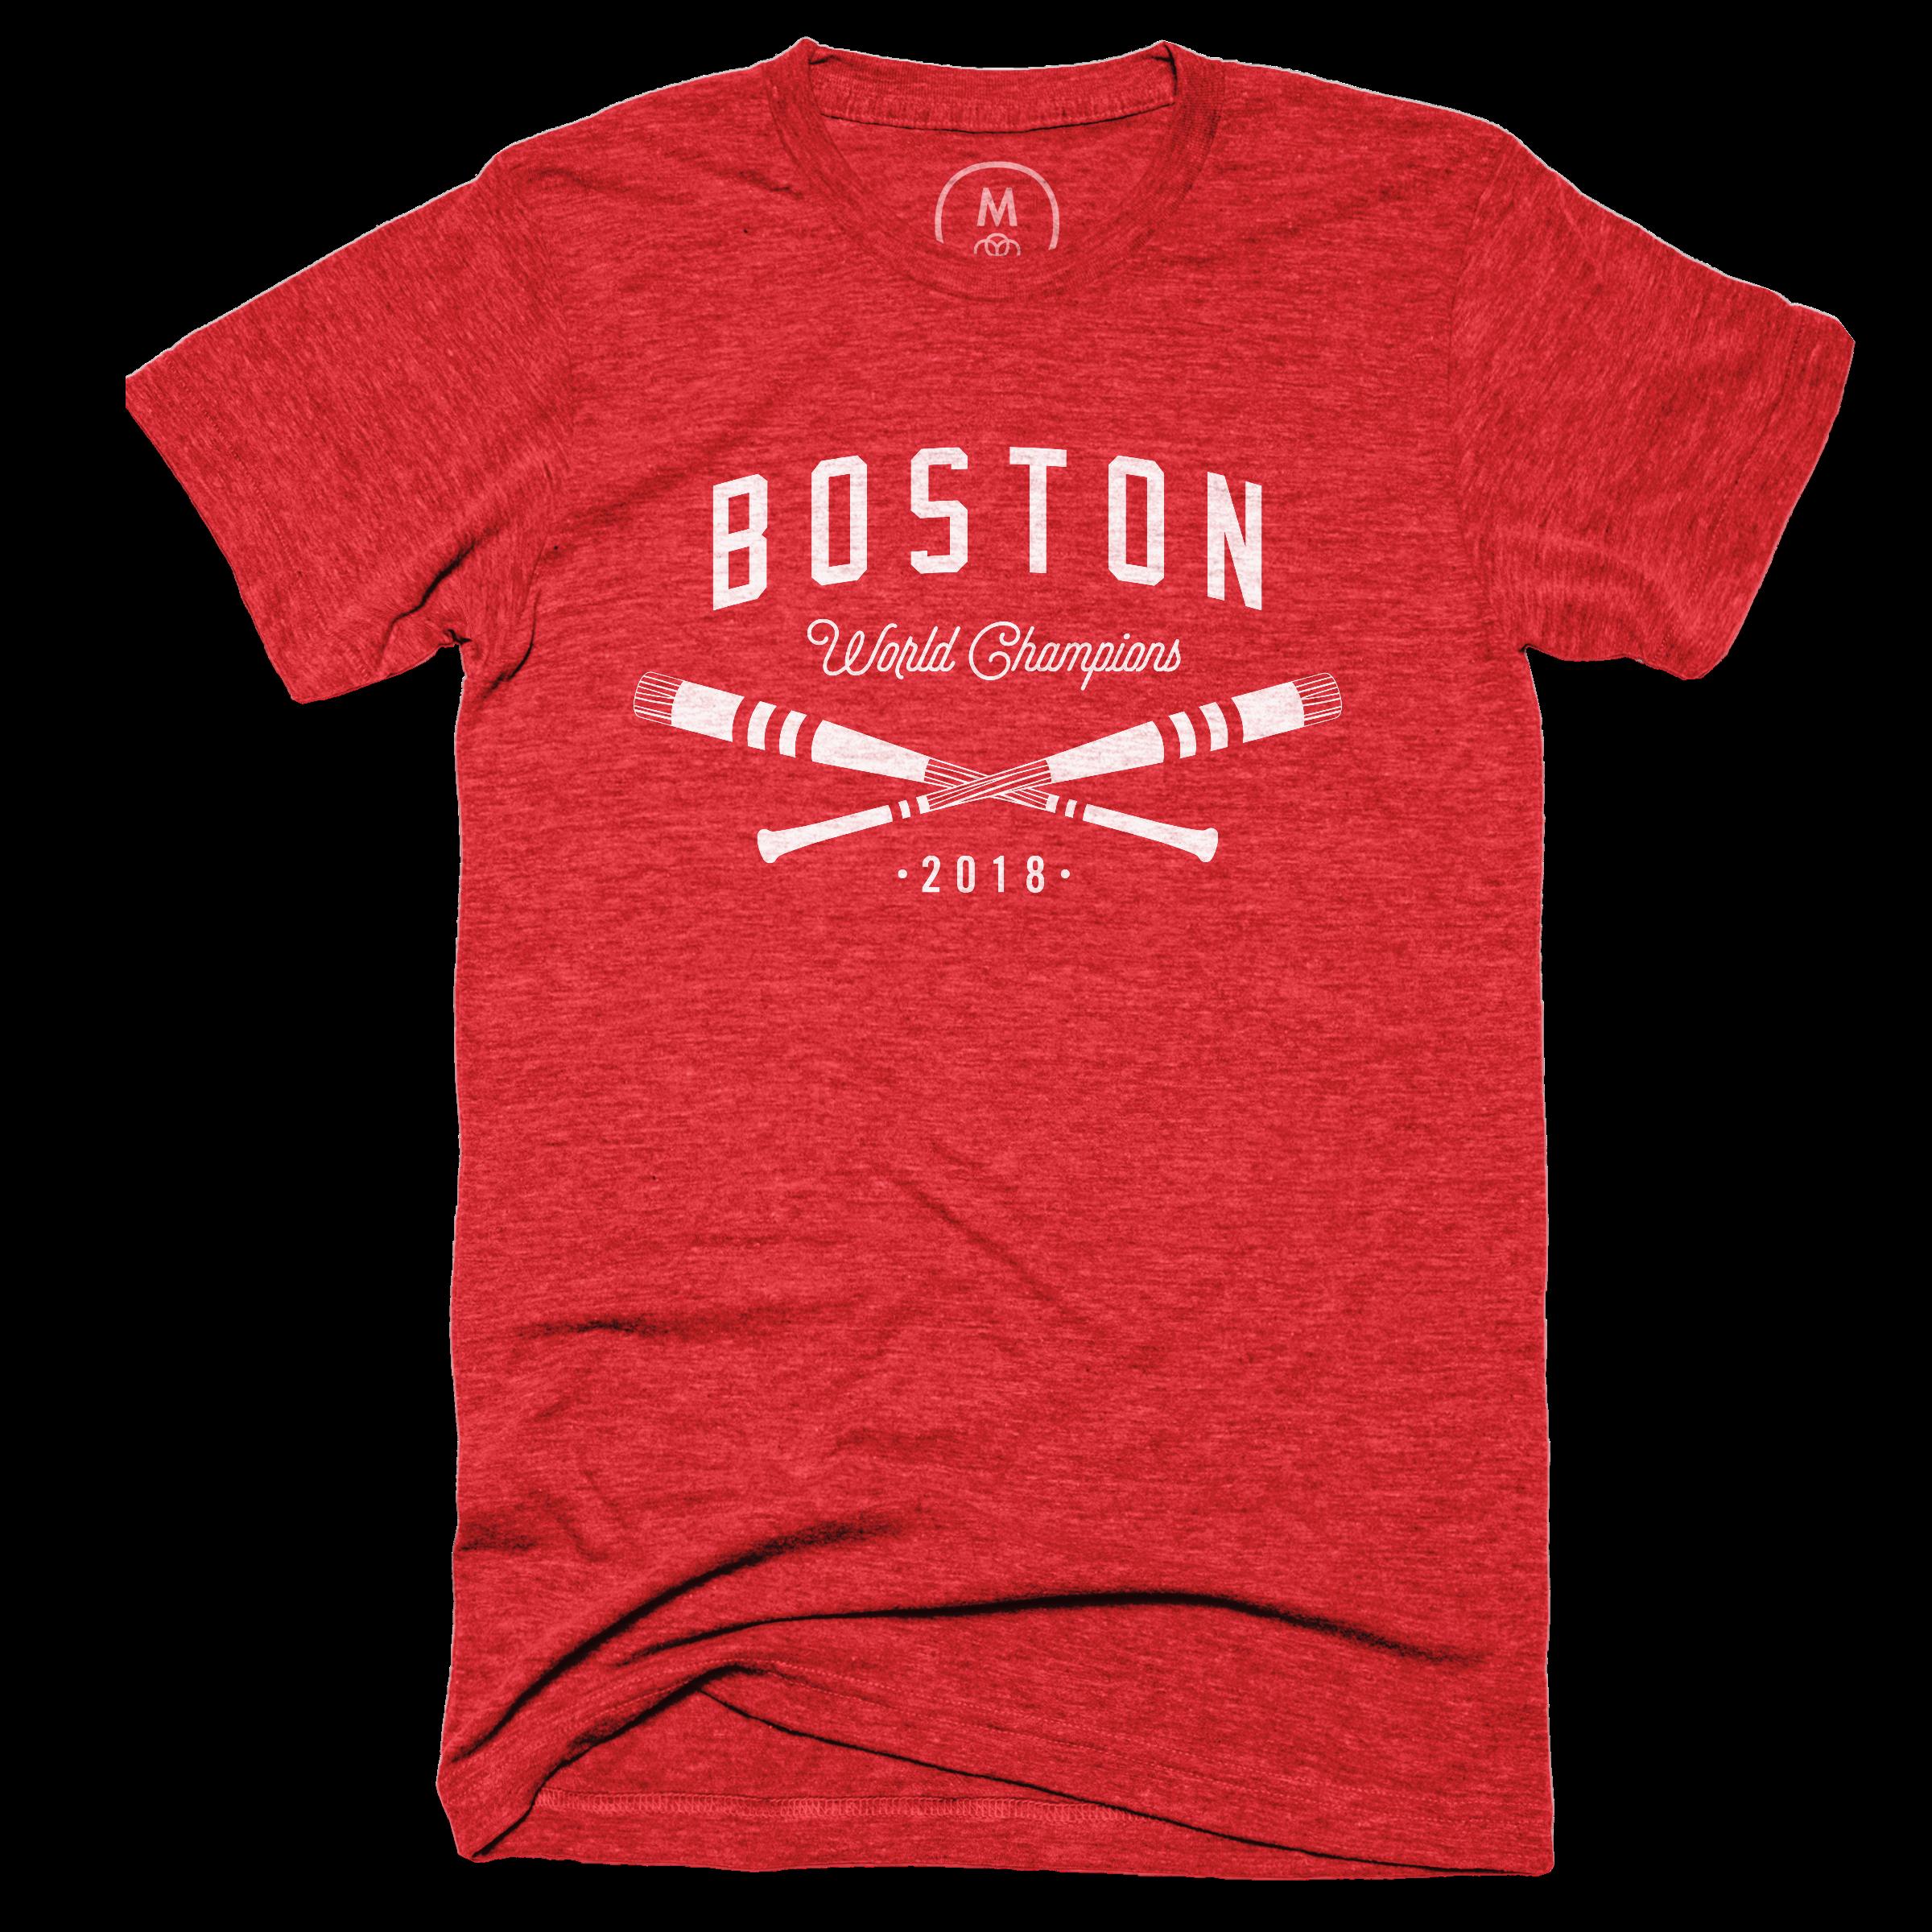 Boston World Champions 2018